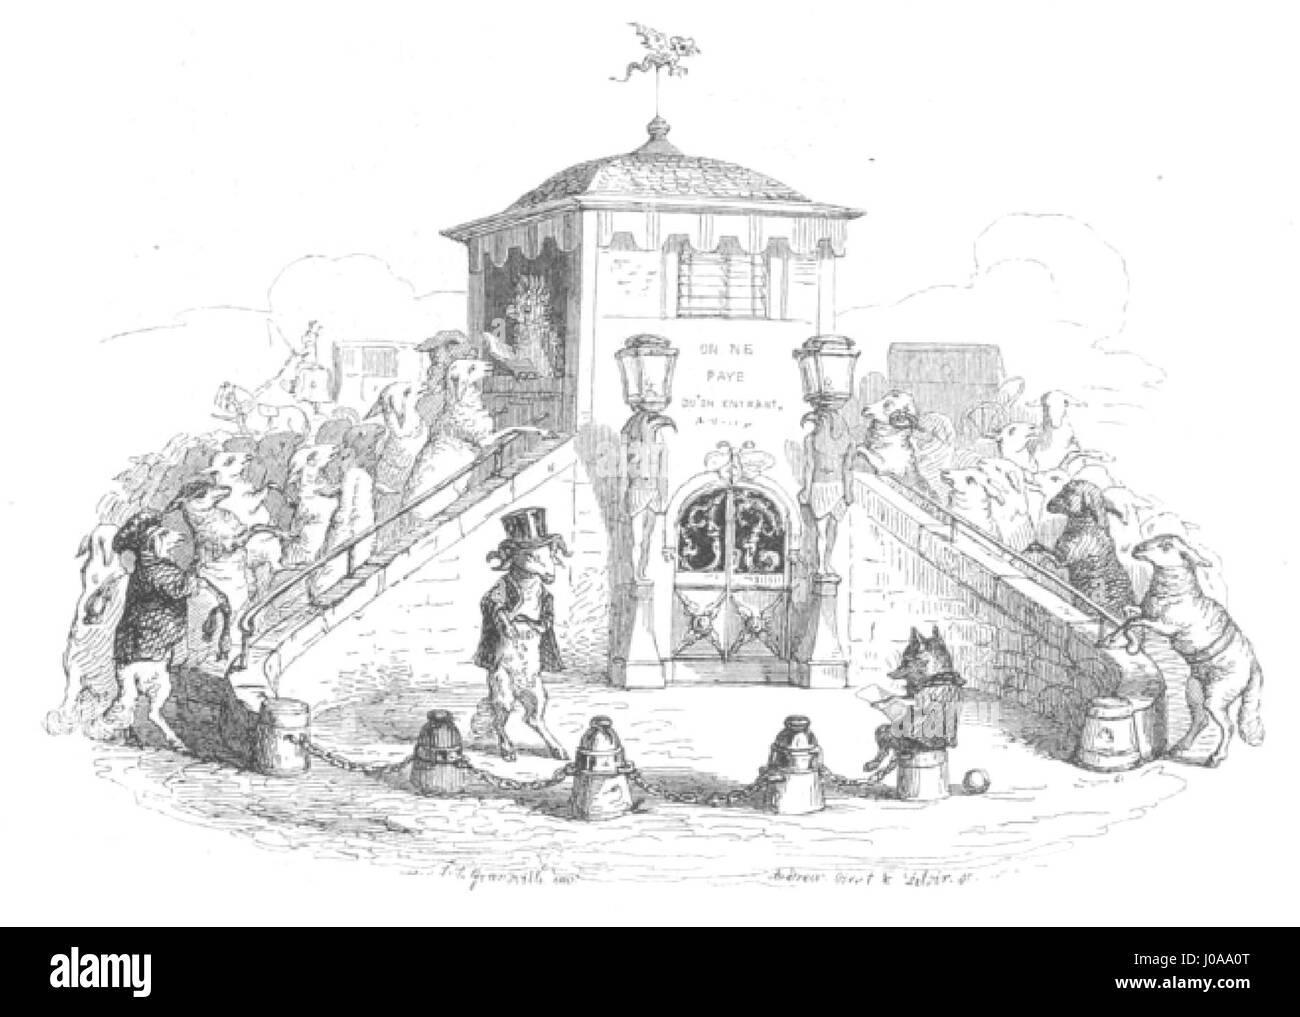 Scènes de la vie privée et publique des animaux, tome 1 0074 - Stock Image